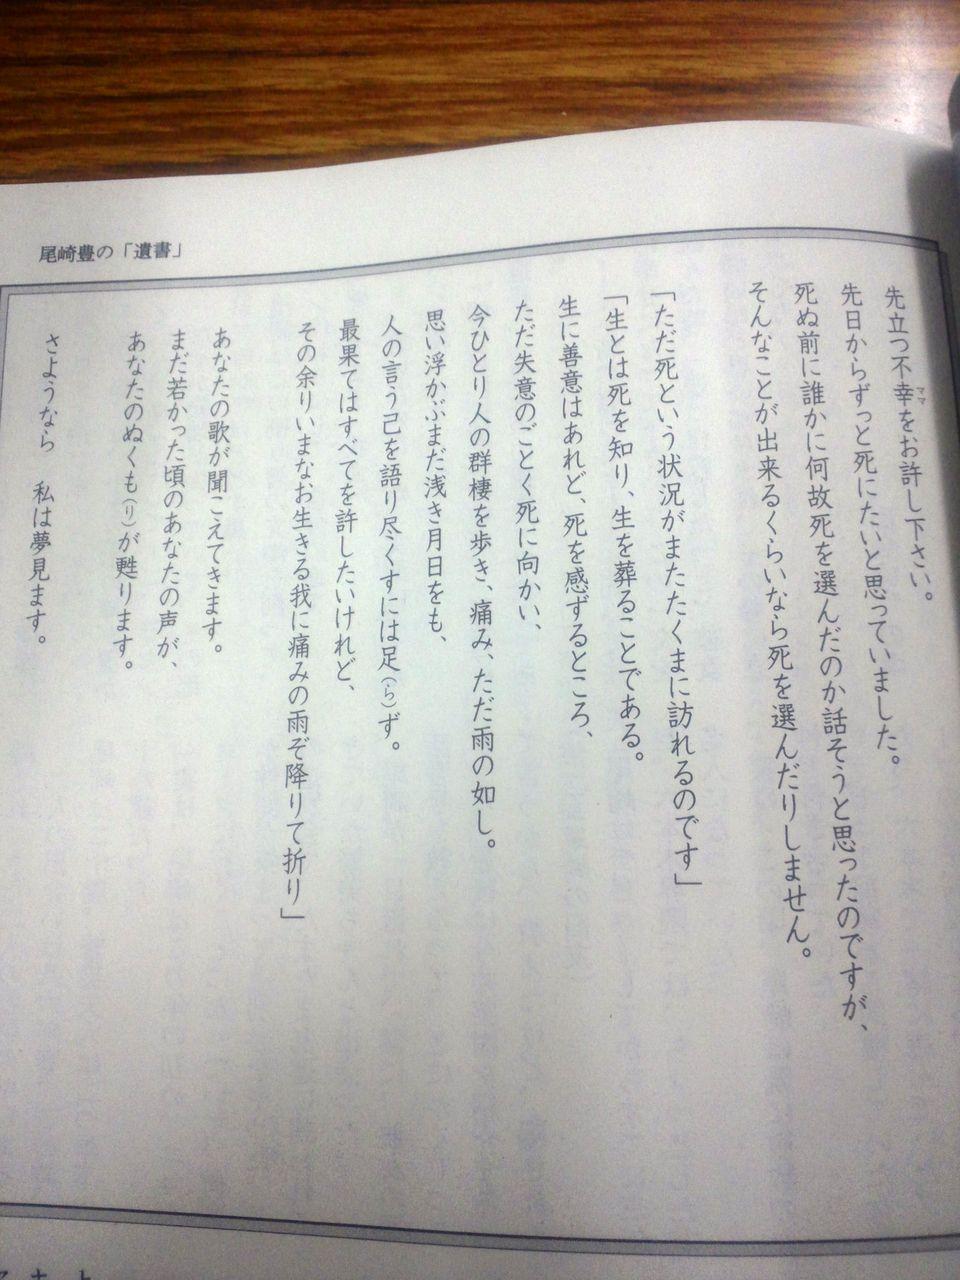 遺書 | [組圖+影片] 的最新詳盡資料** (必看!!) - www.go2tutor.com